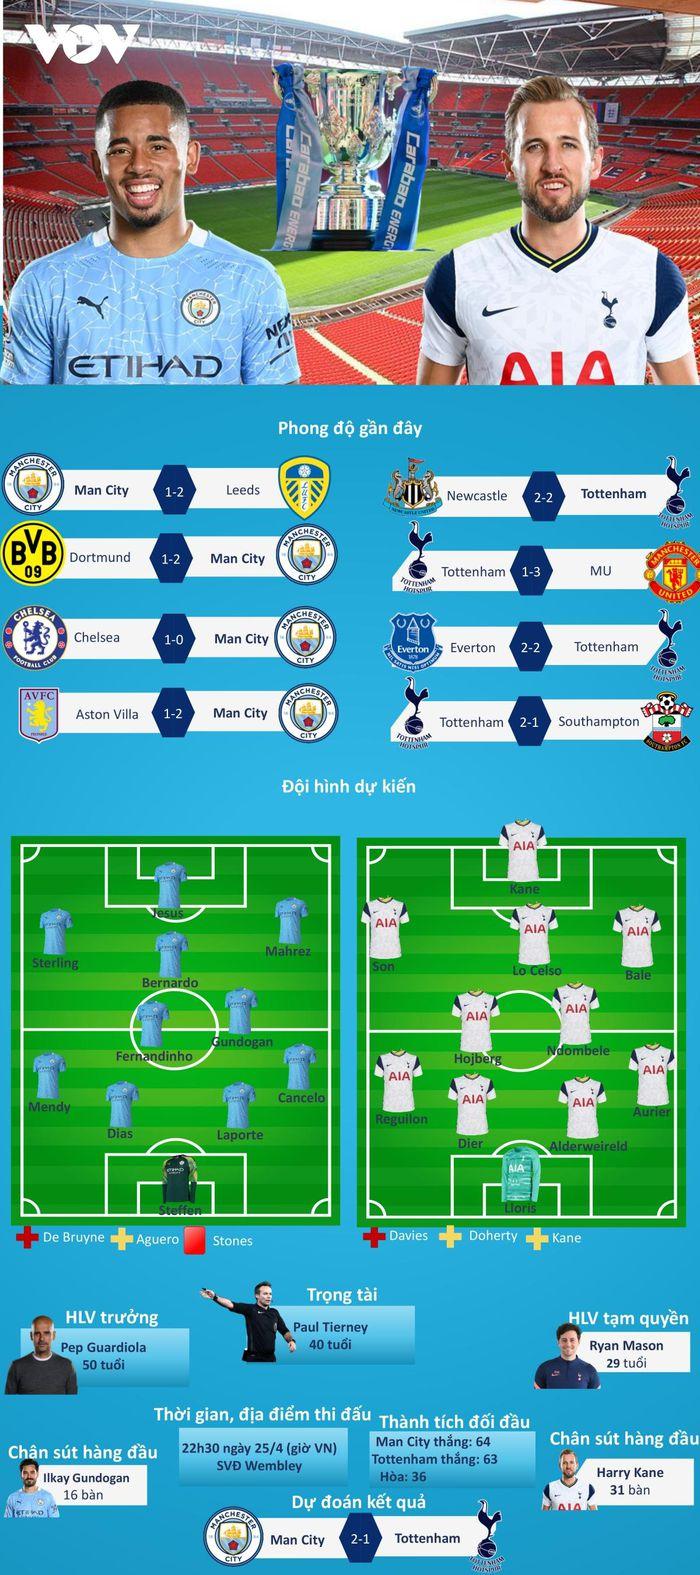 Dự đoán kết quả, đội hình xuất phát trận Man City – Tottenham